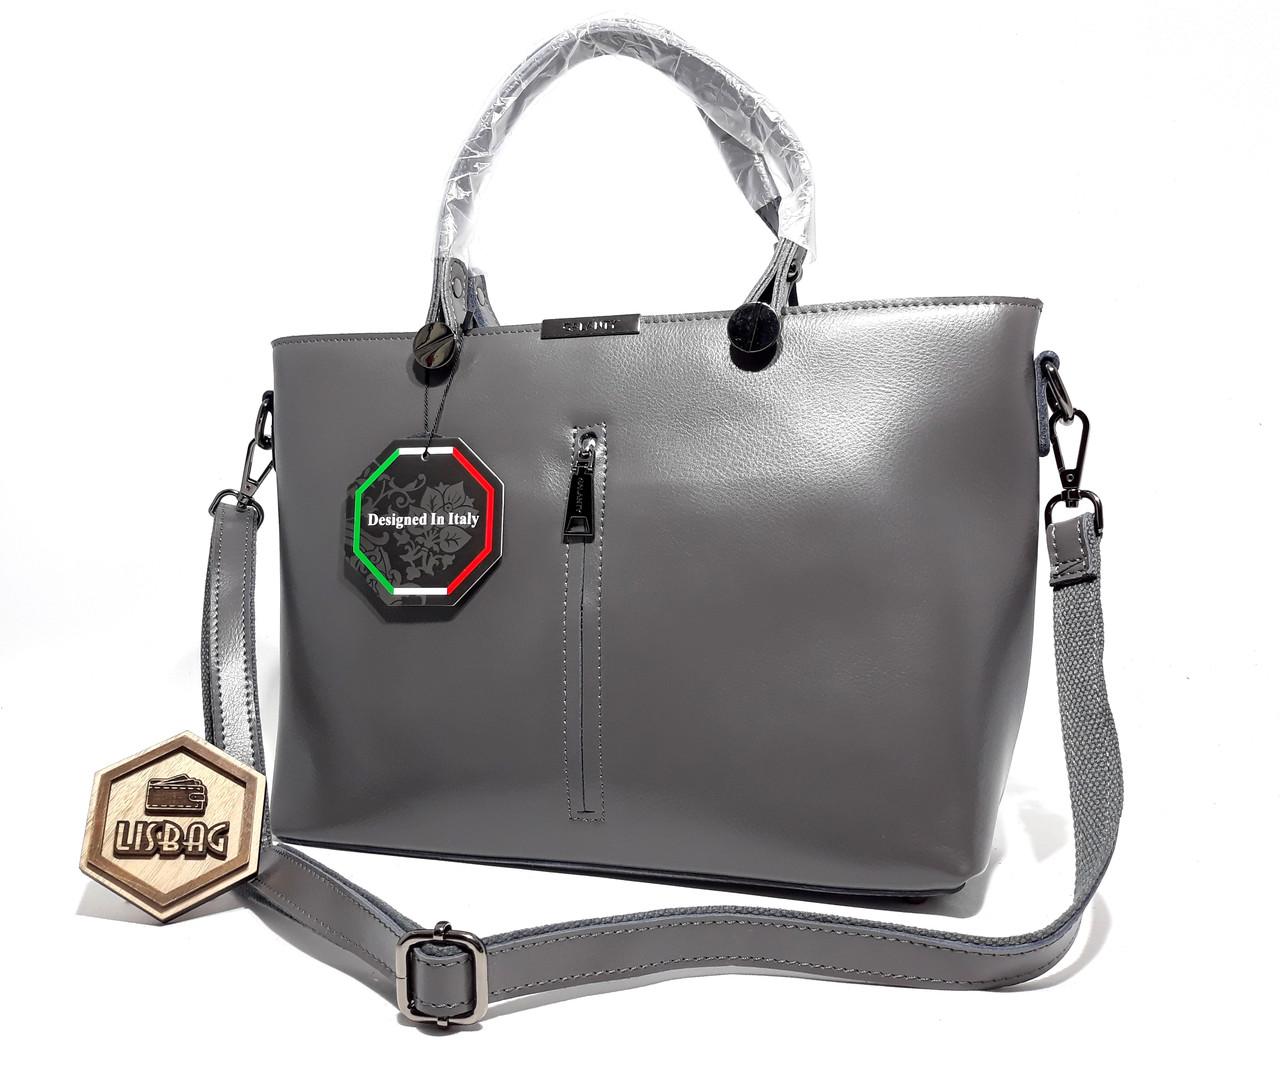 96f12ad187dc Большая стильная кожаная сумка Серая формата А4: продажа, цена в ...